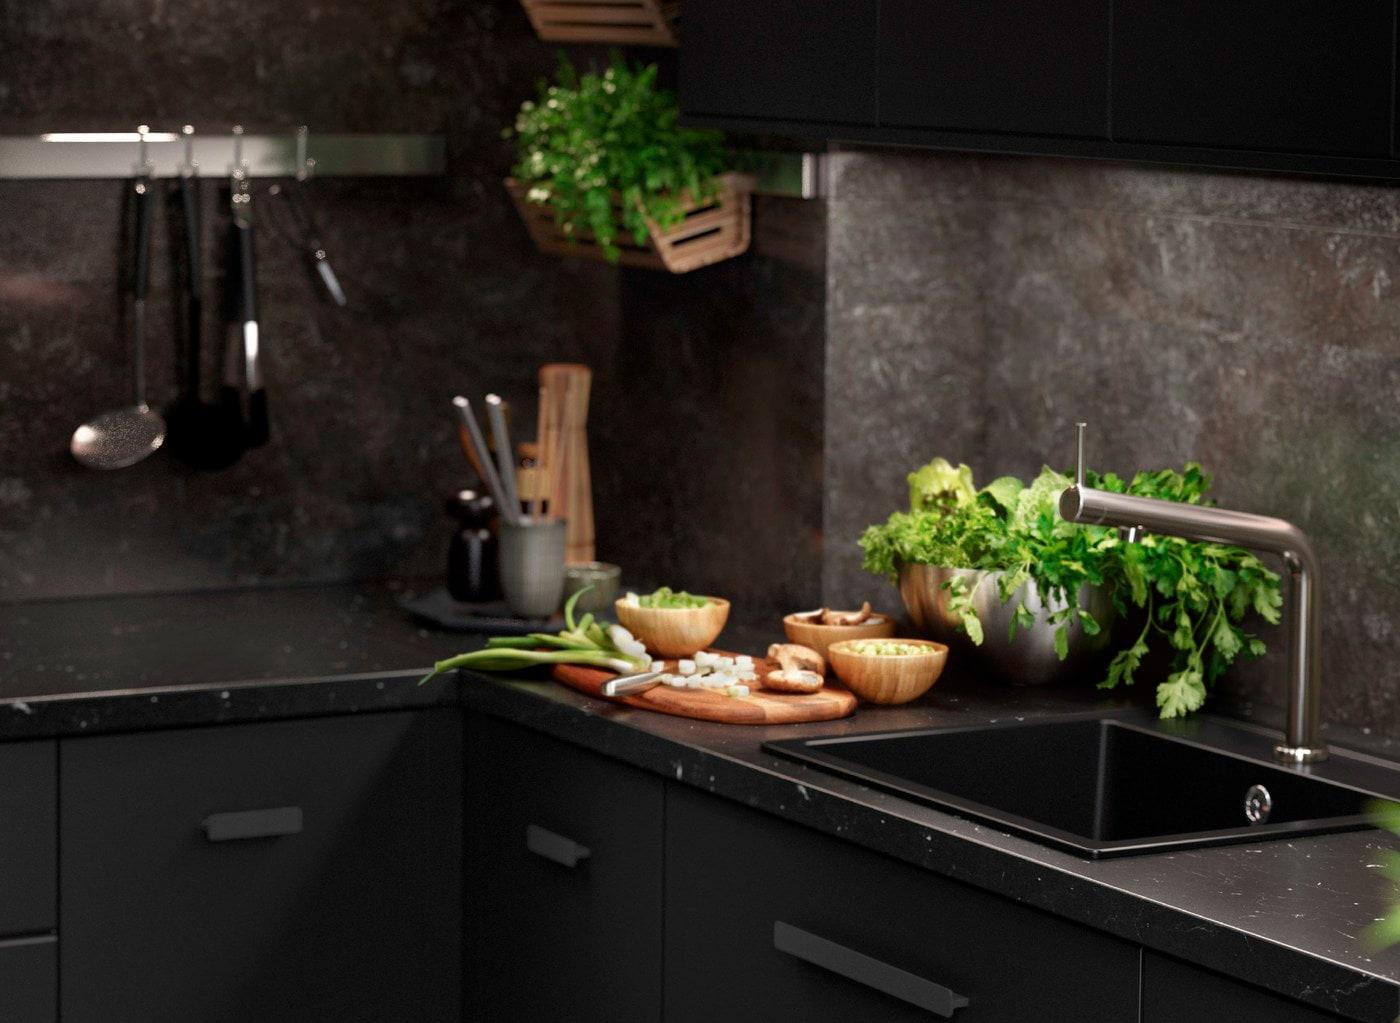 Čierna kuchyňa KUNGSBACKA s prvkami so vzorom mramoru, v ktorej je kuchynské náčinie a čerstvé bylinky.